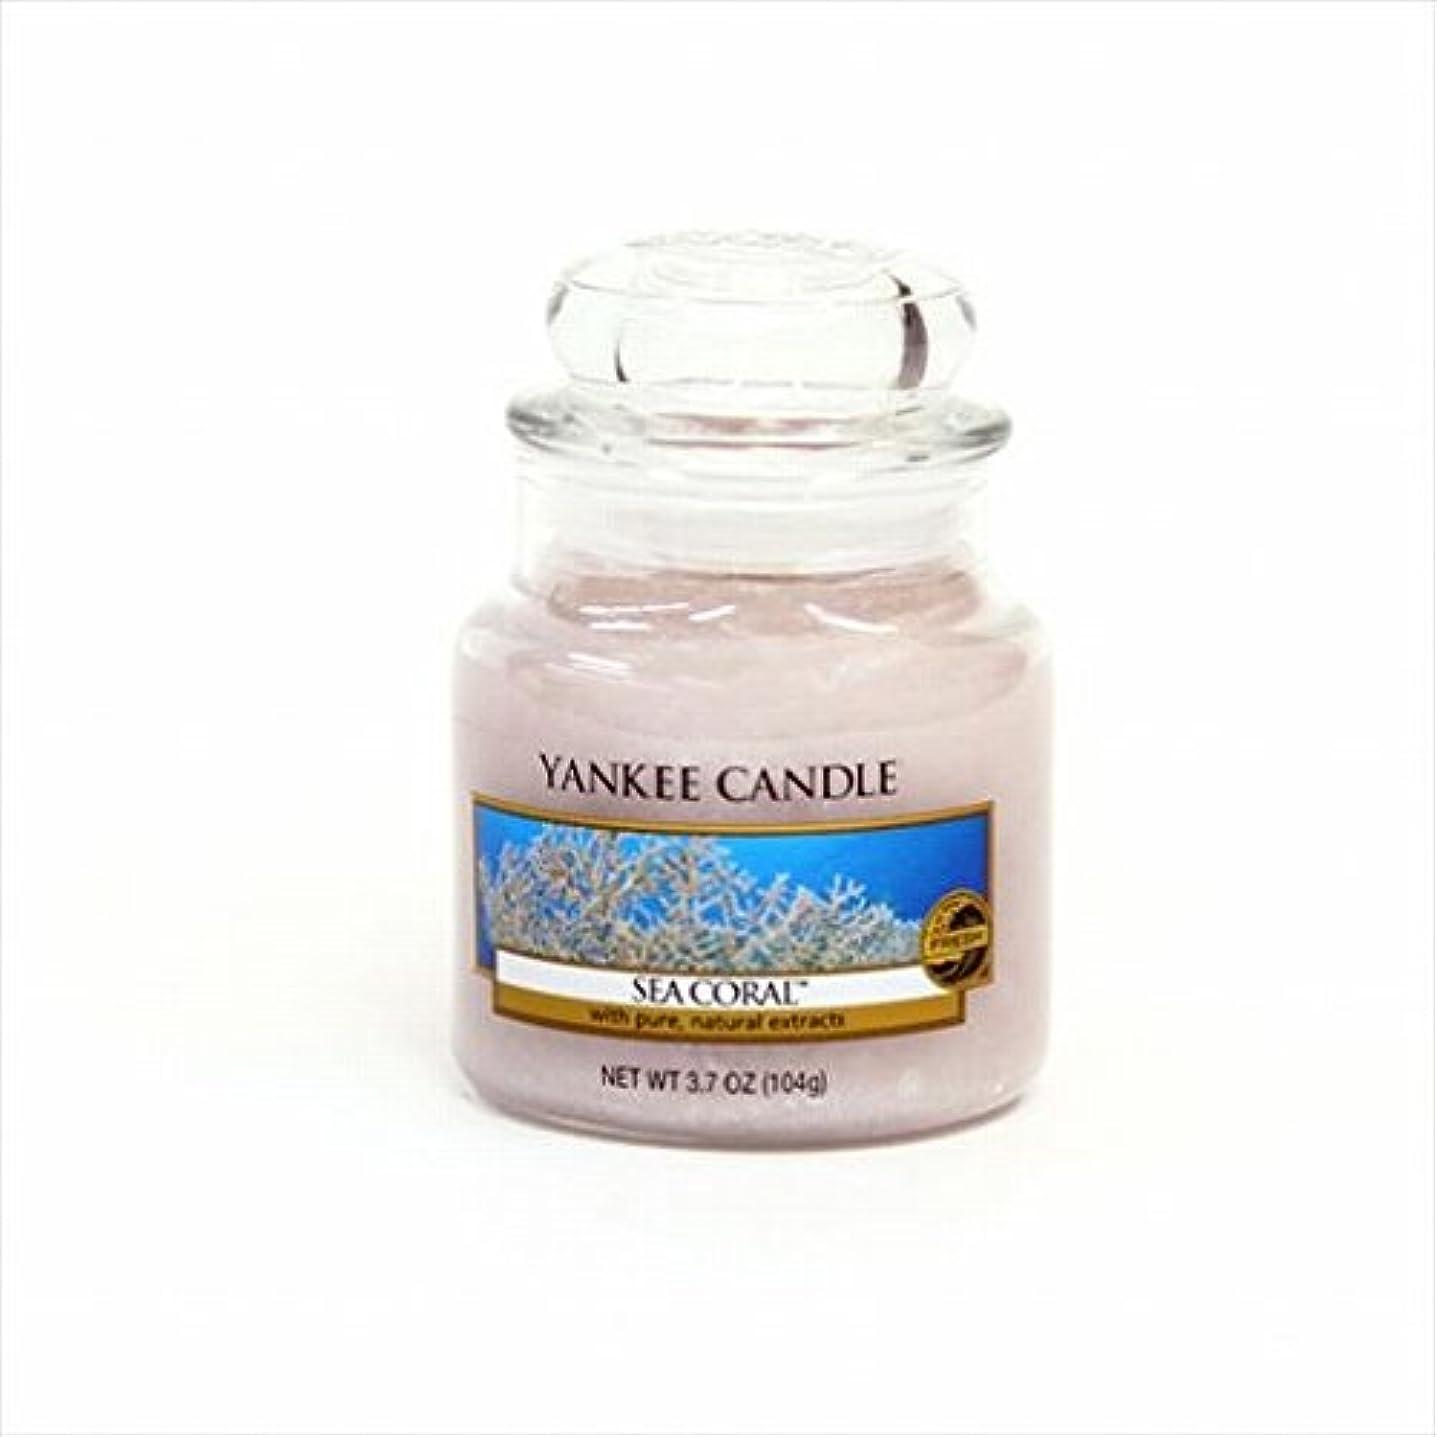 カメヤマキャンドル(kameyama candle) YANKEE CANDLE ジャーS 「 シーコーラル 」